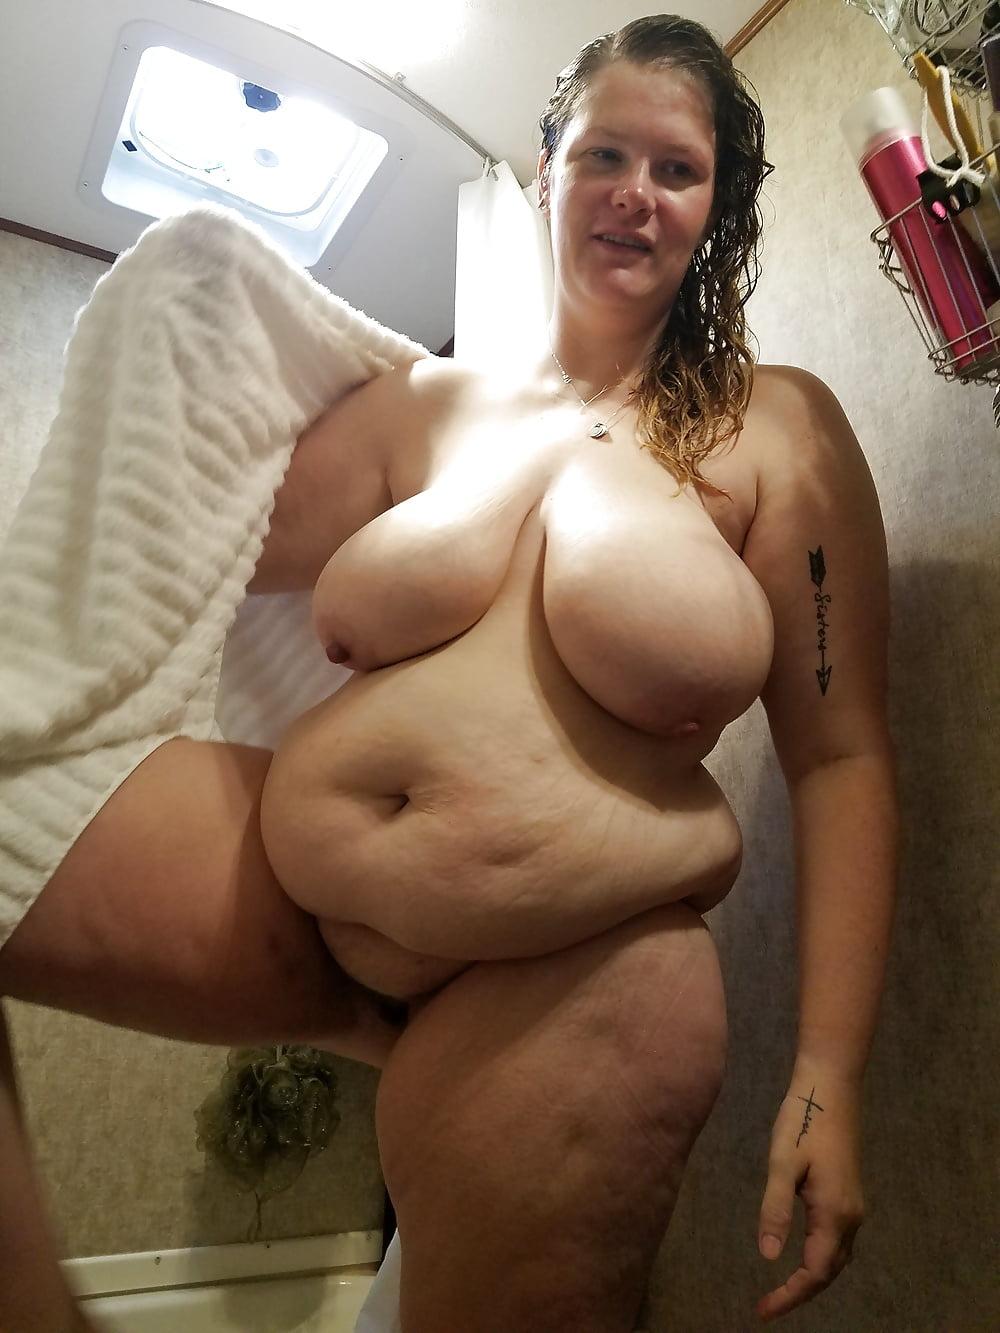 Bbw nude shower — photo 11